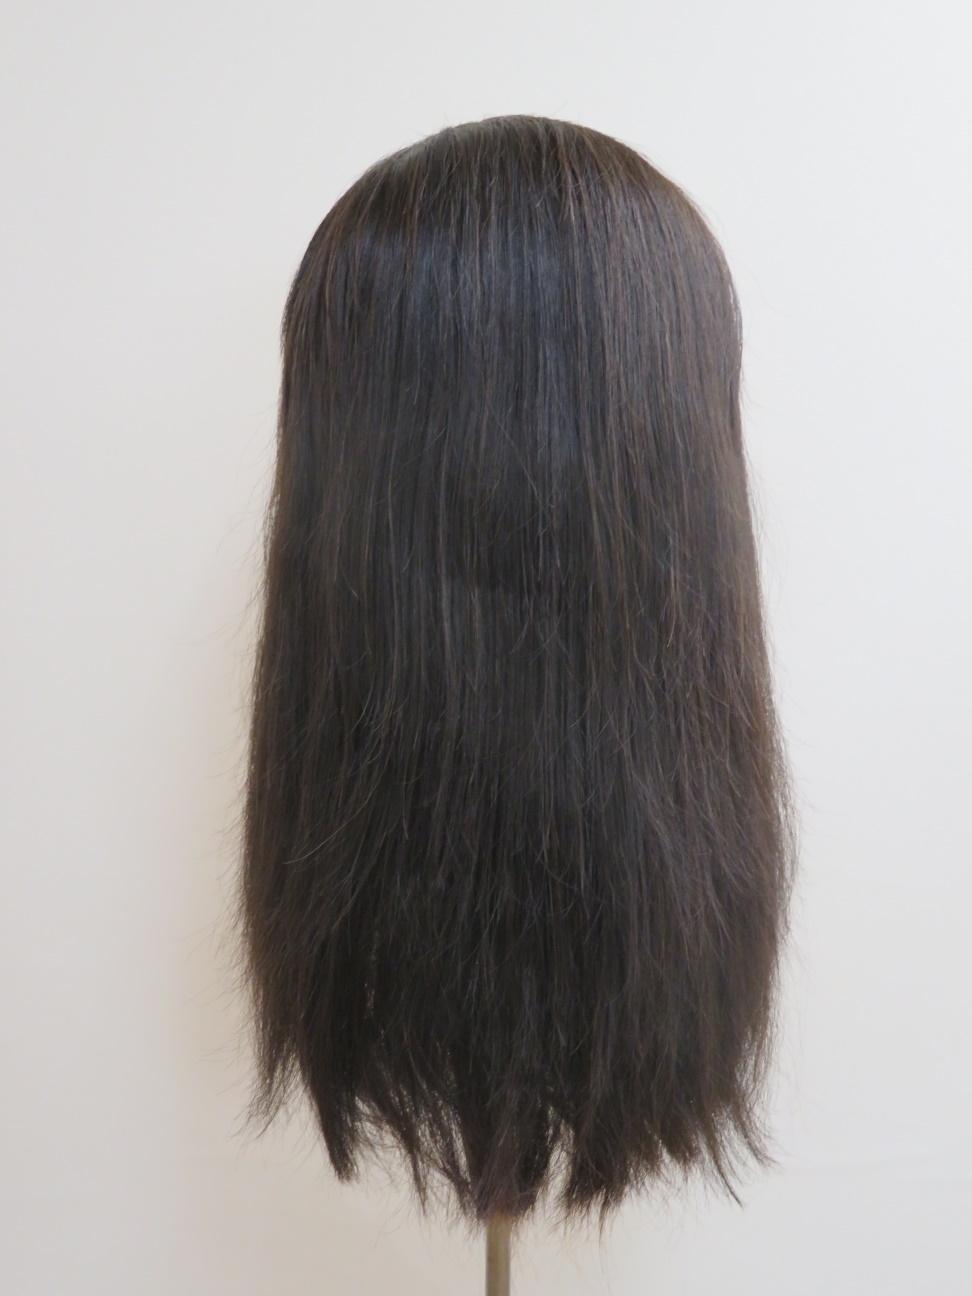 36.えりきり(総髪)3